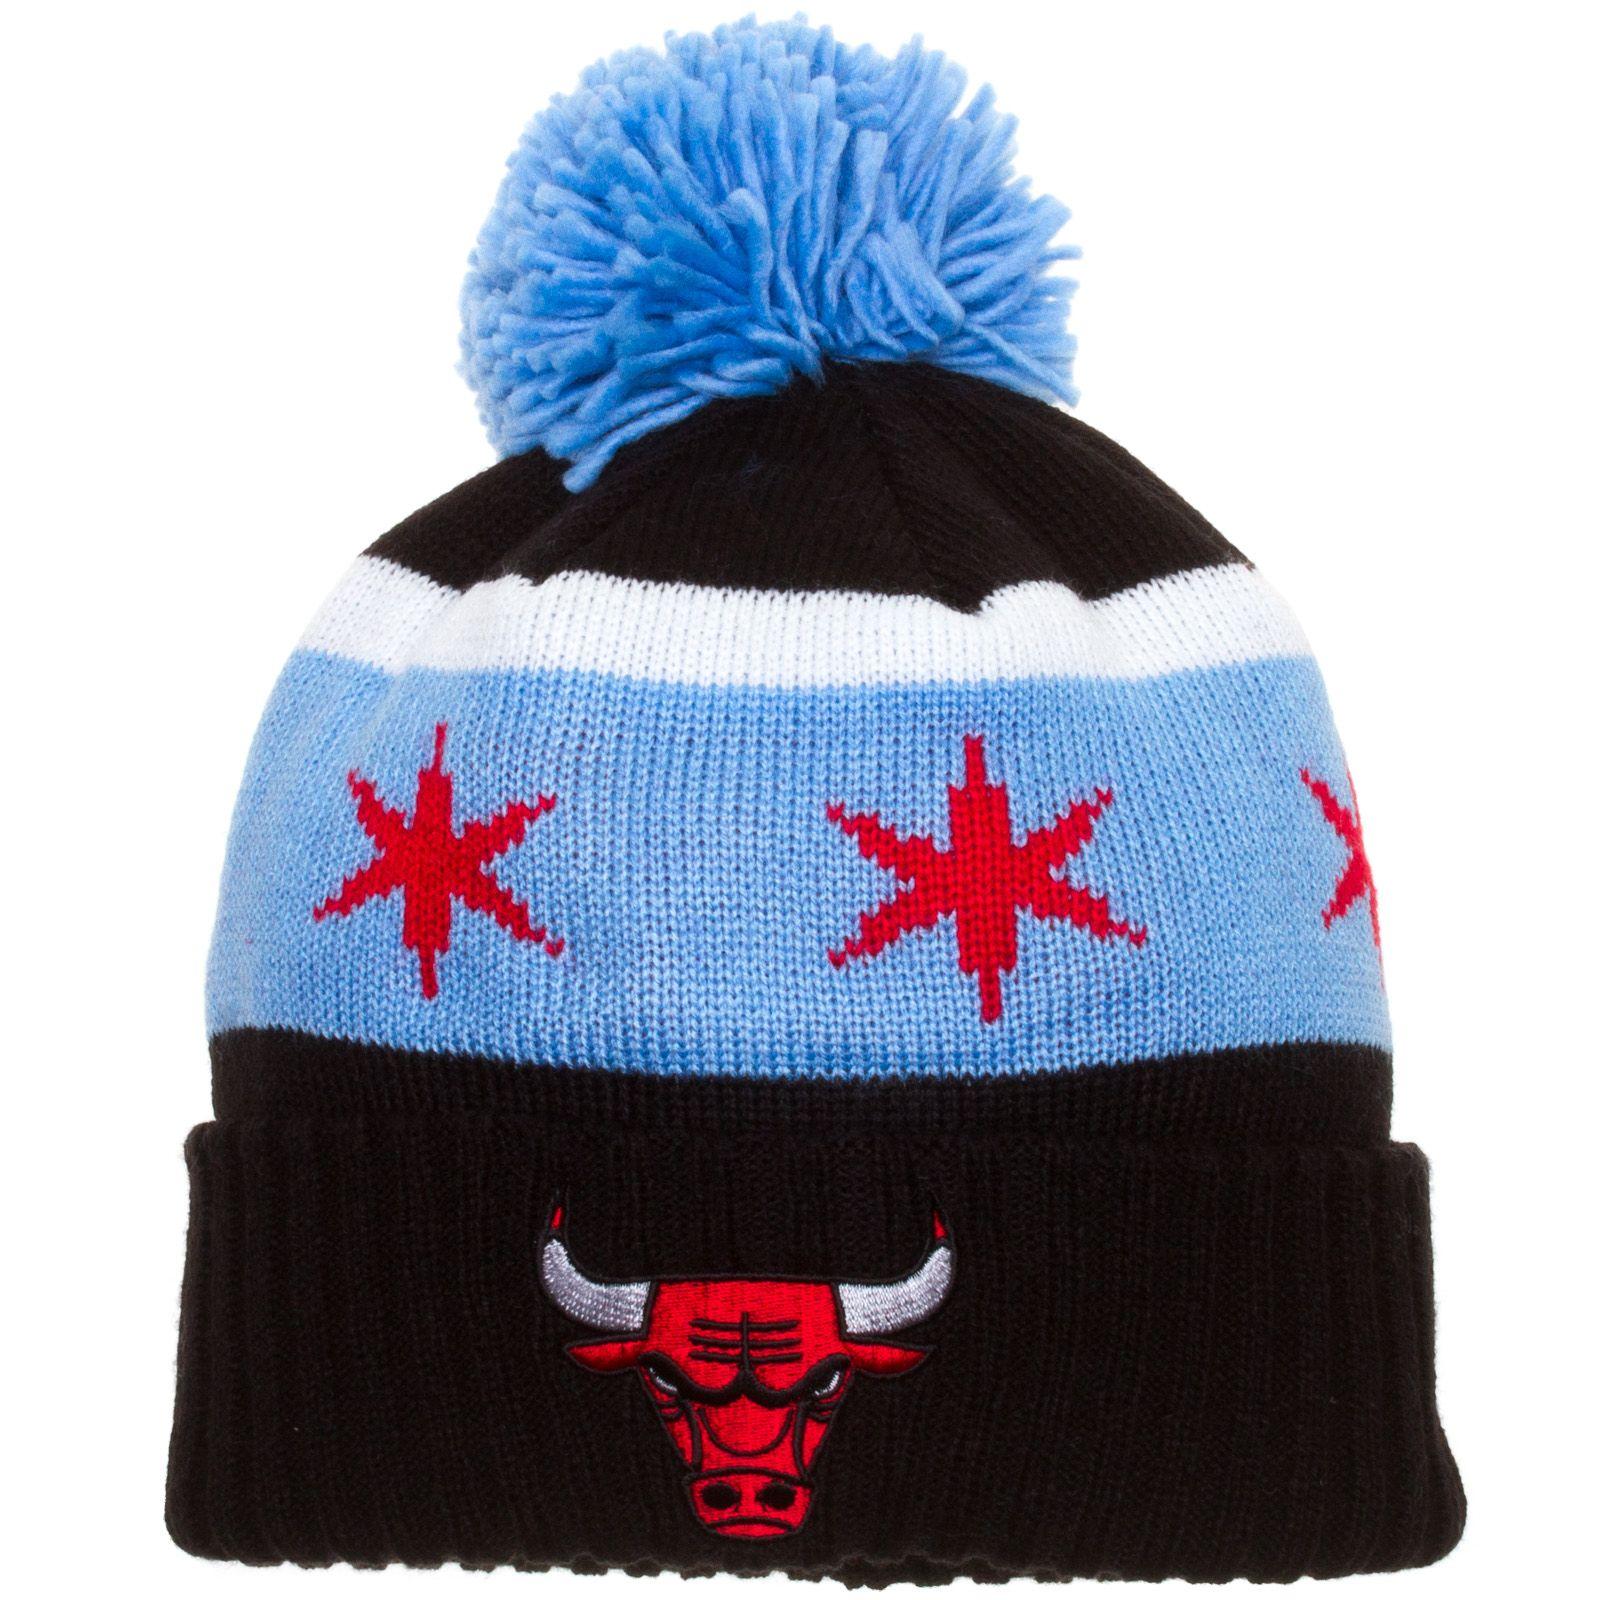 16fc872c574 Chicago Bulls Black Chicago Flag Cuffed Pom Knit Hat by Adidas  Chicago   Bulls  ChicagoBulls